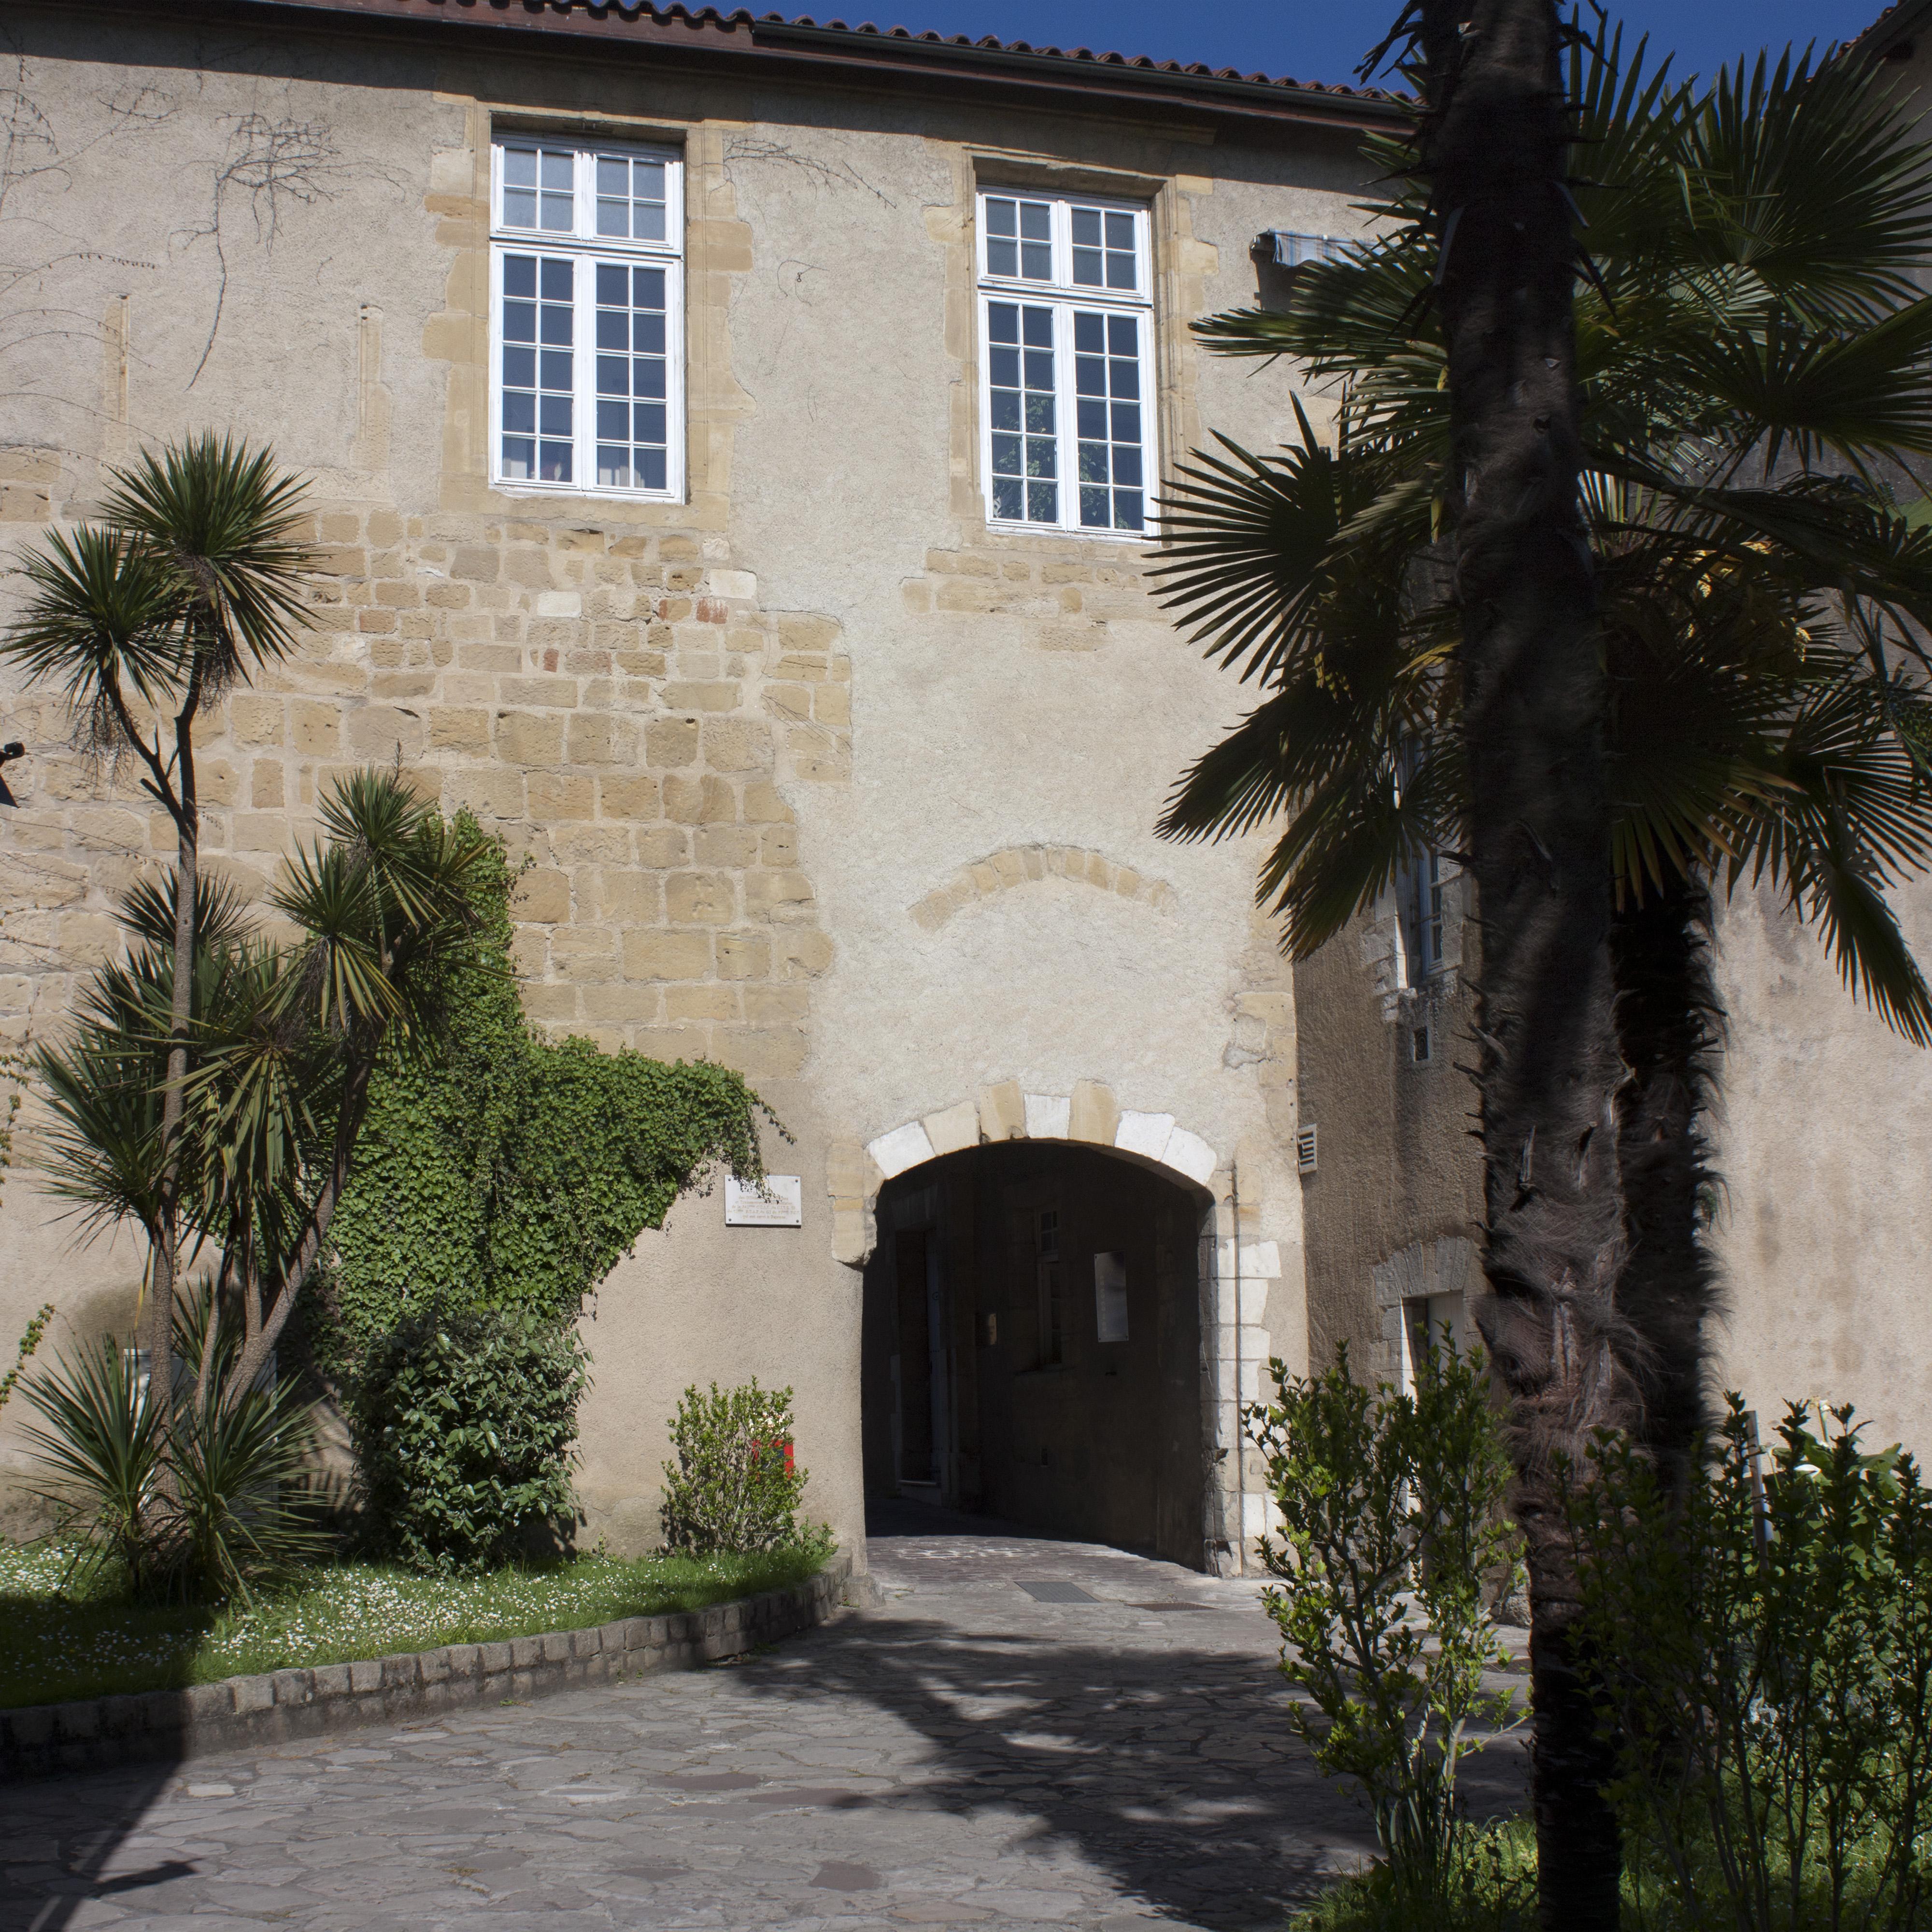 20130421: File:Bayonne-Château Vieux-Entrée-20130421.jpg